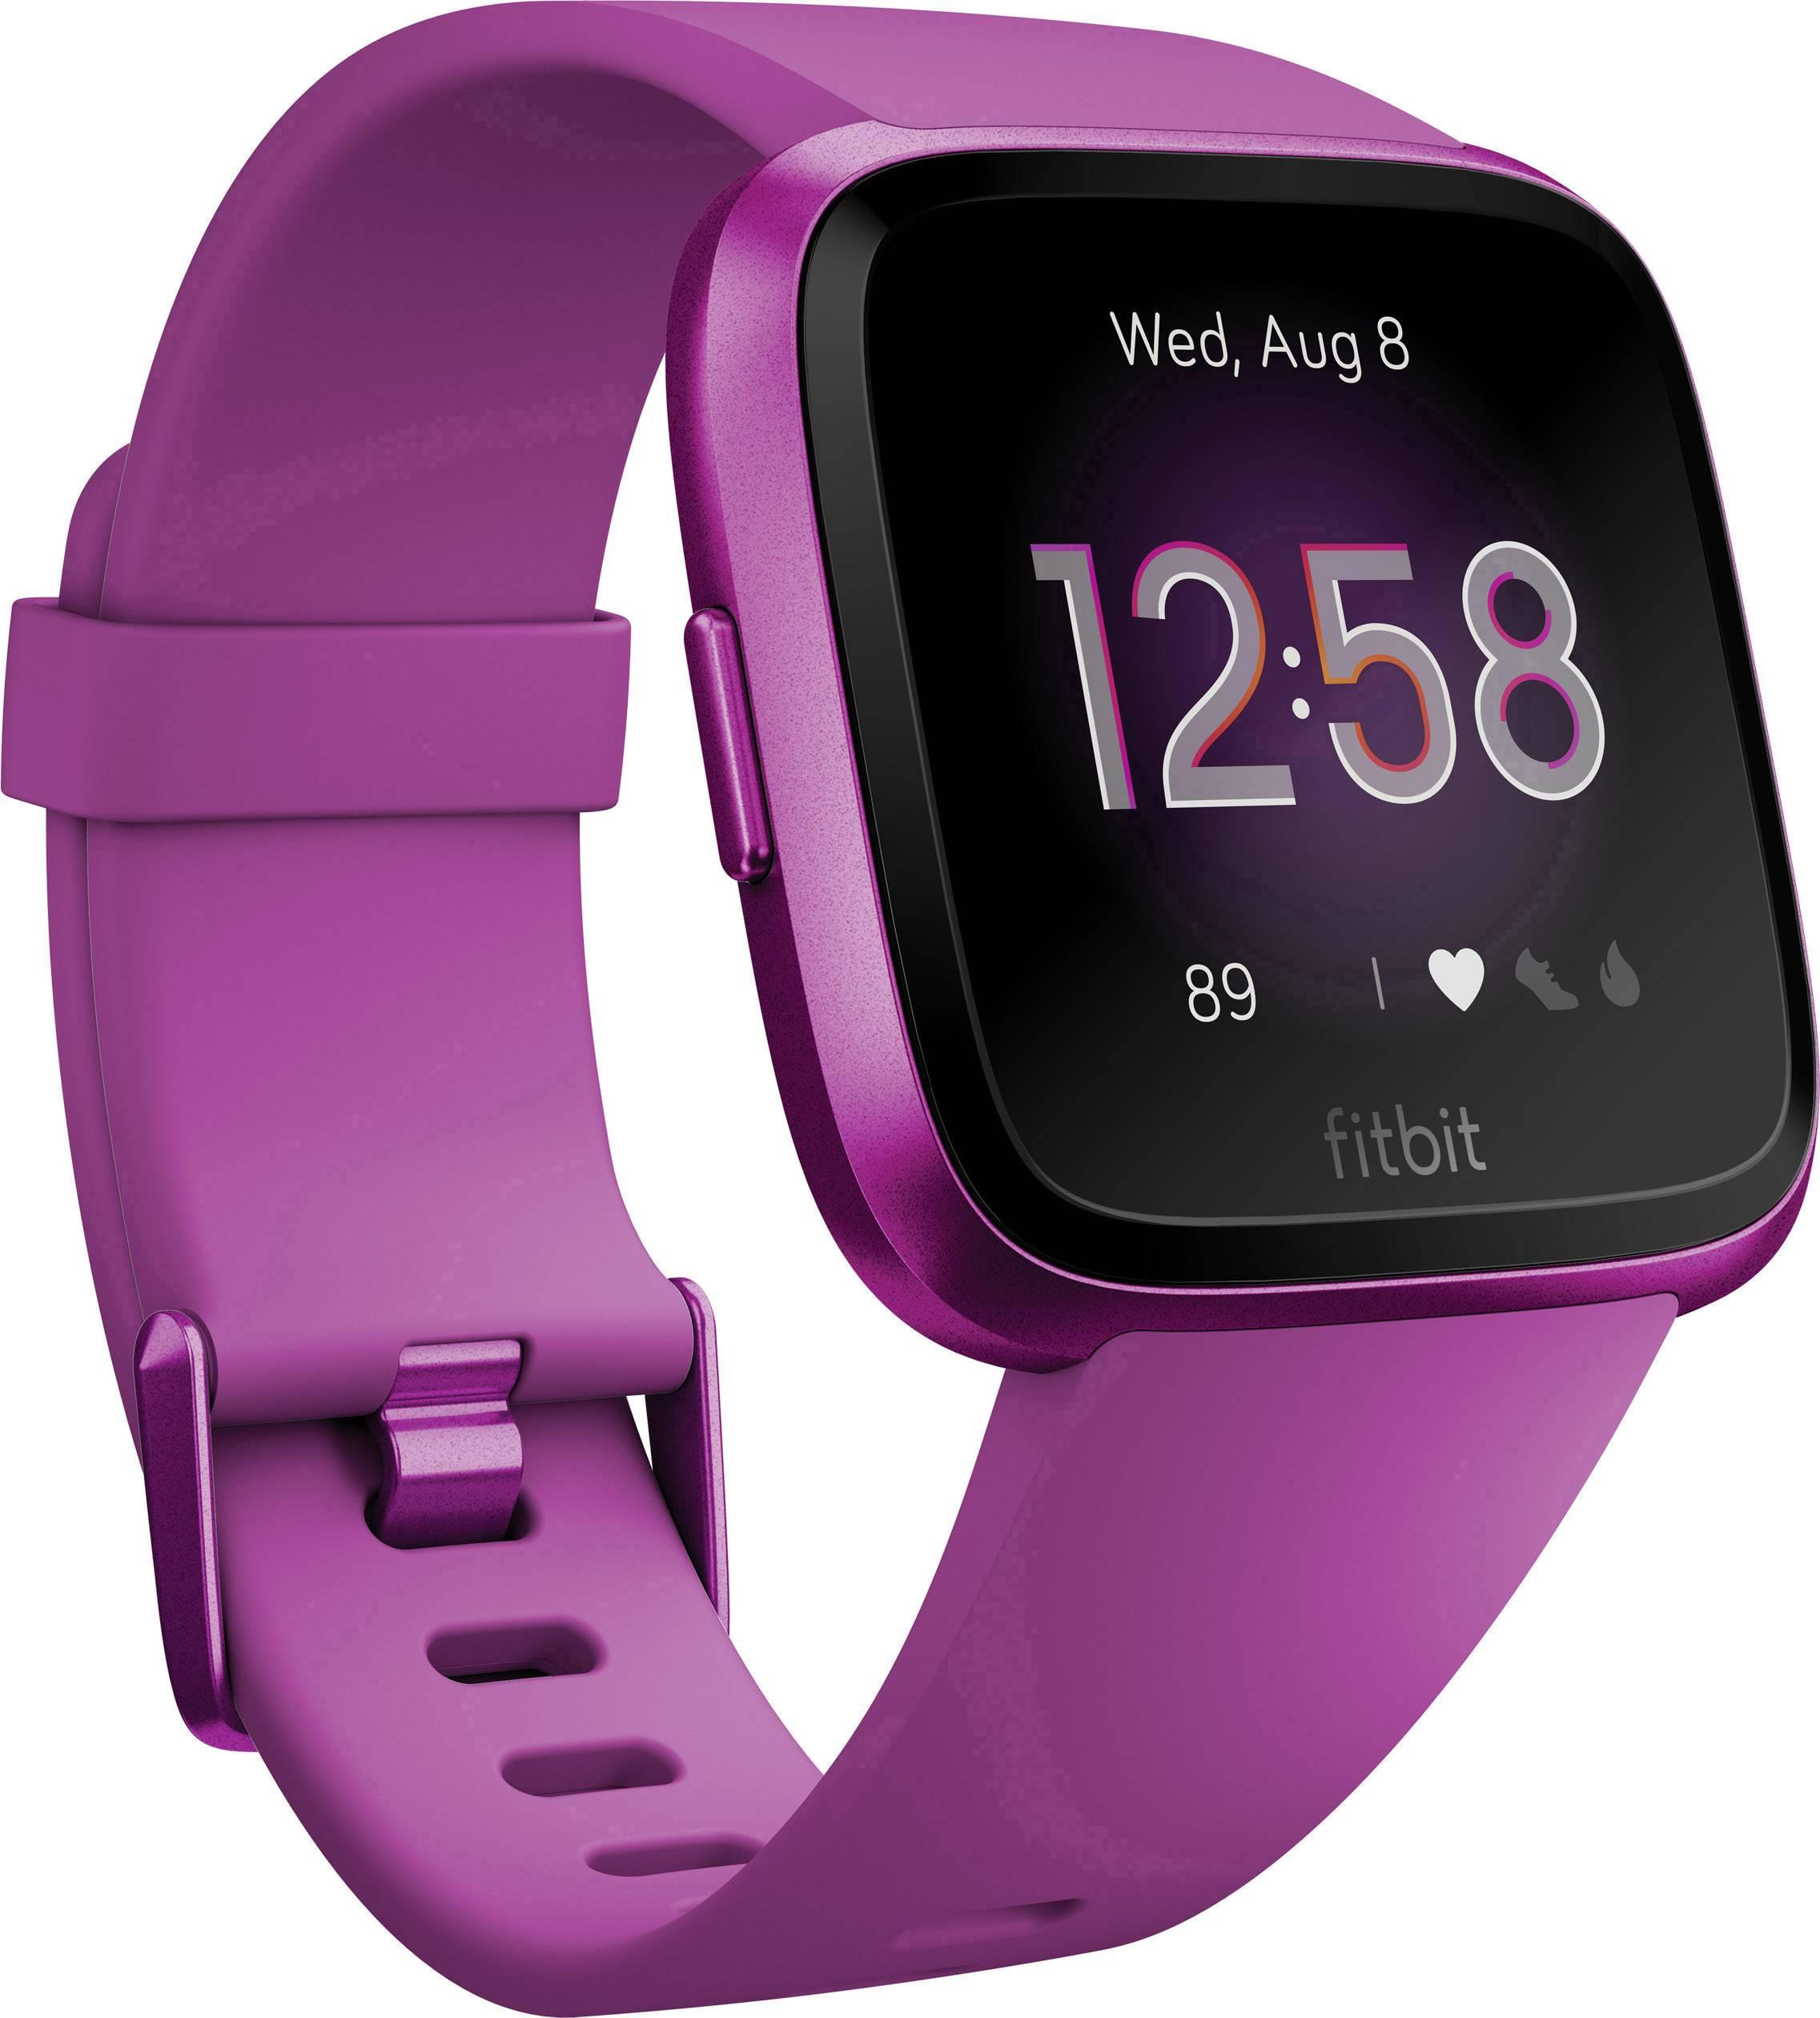 Lite Tracker Fitness Versa Fitbit Magenta FcTKJl1u3